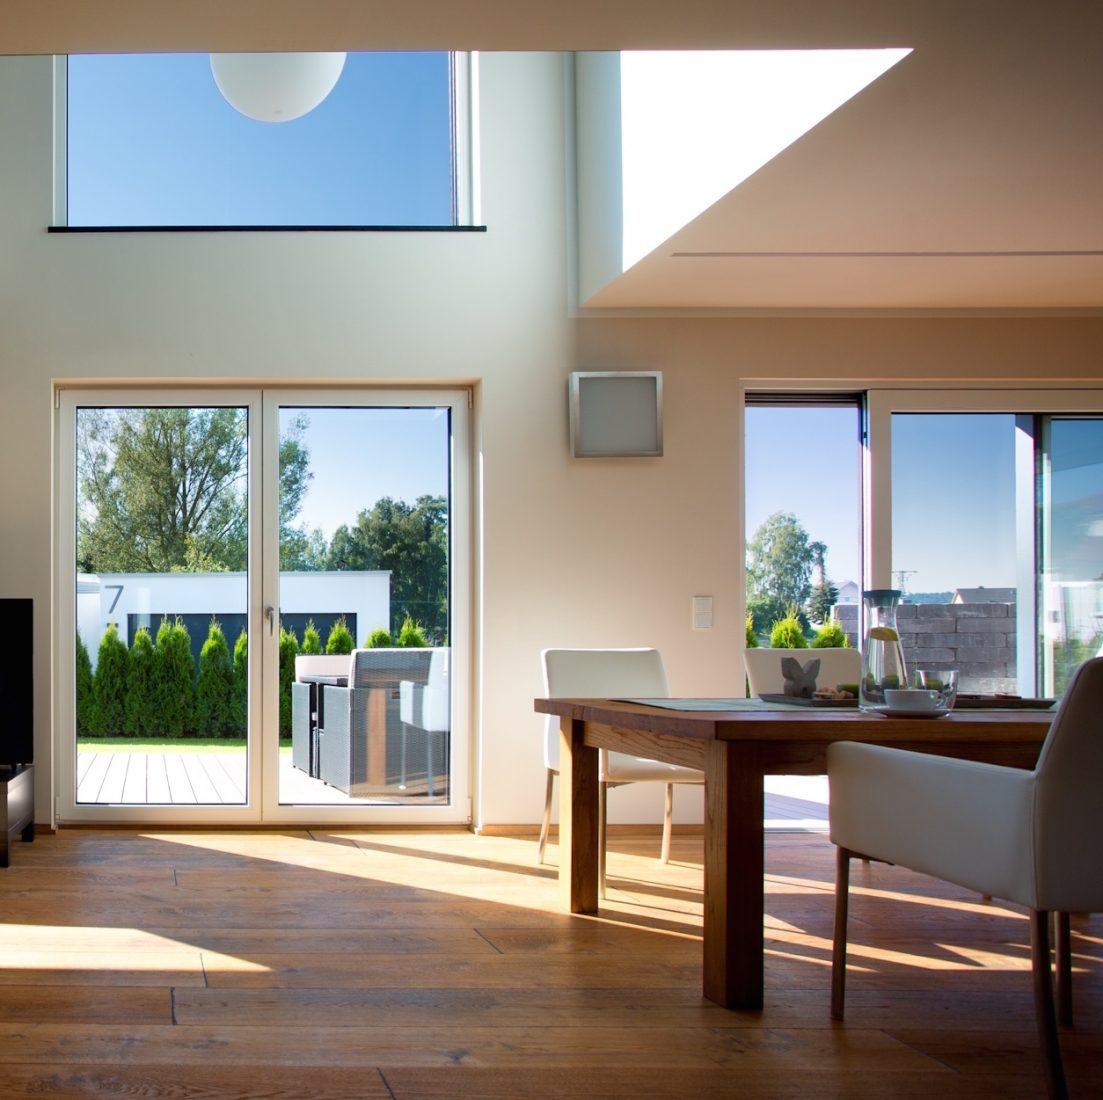 Fenstertüren in unterschiedlichen Varianten: Drehflügeltür (l.) und Schiebtür. Foto: Kneer-Suedfenster